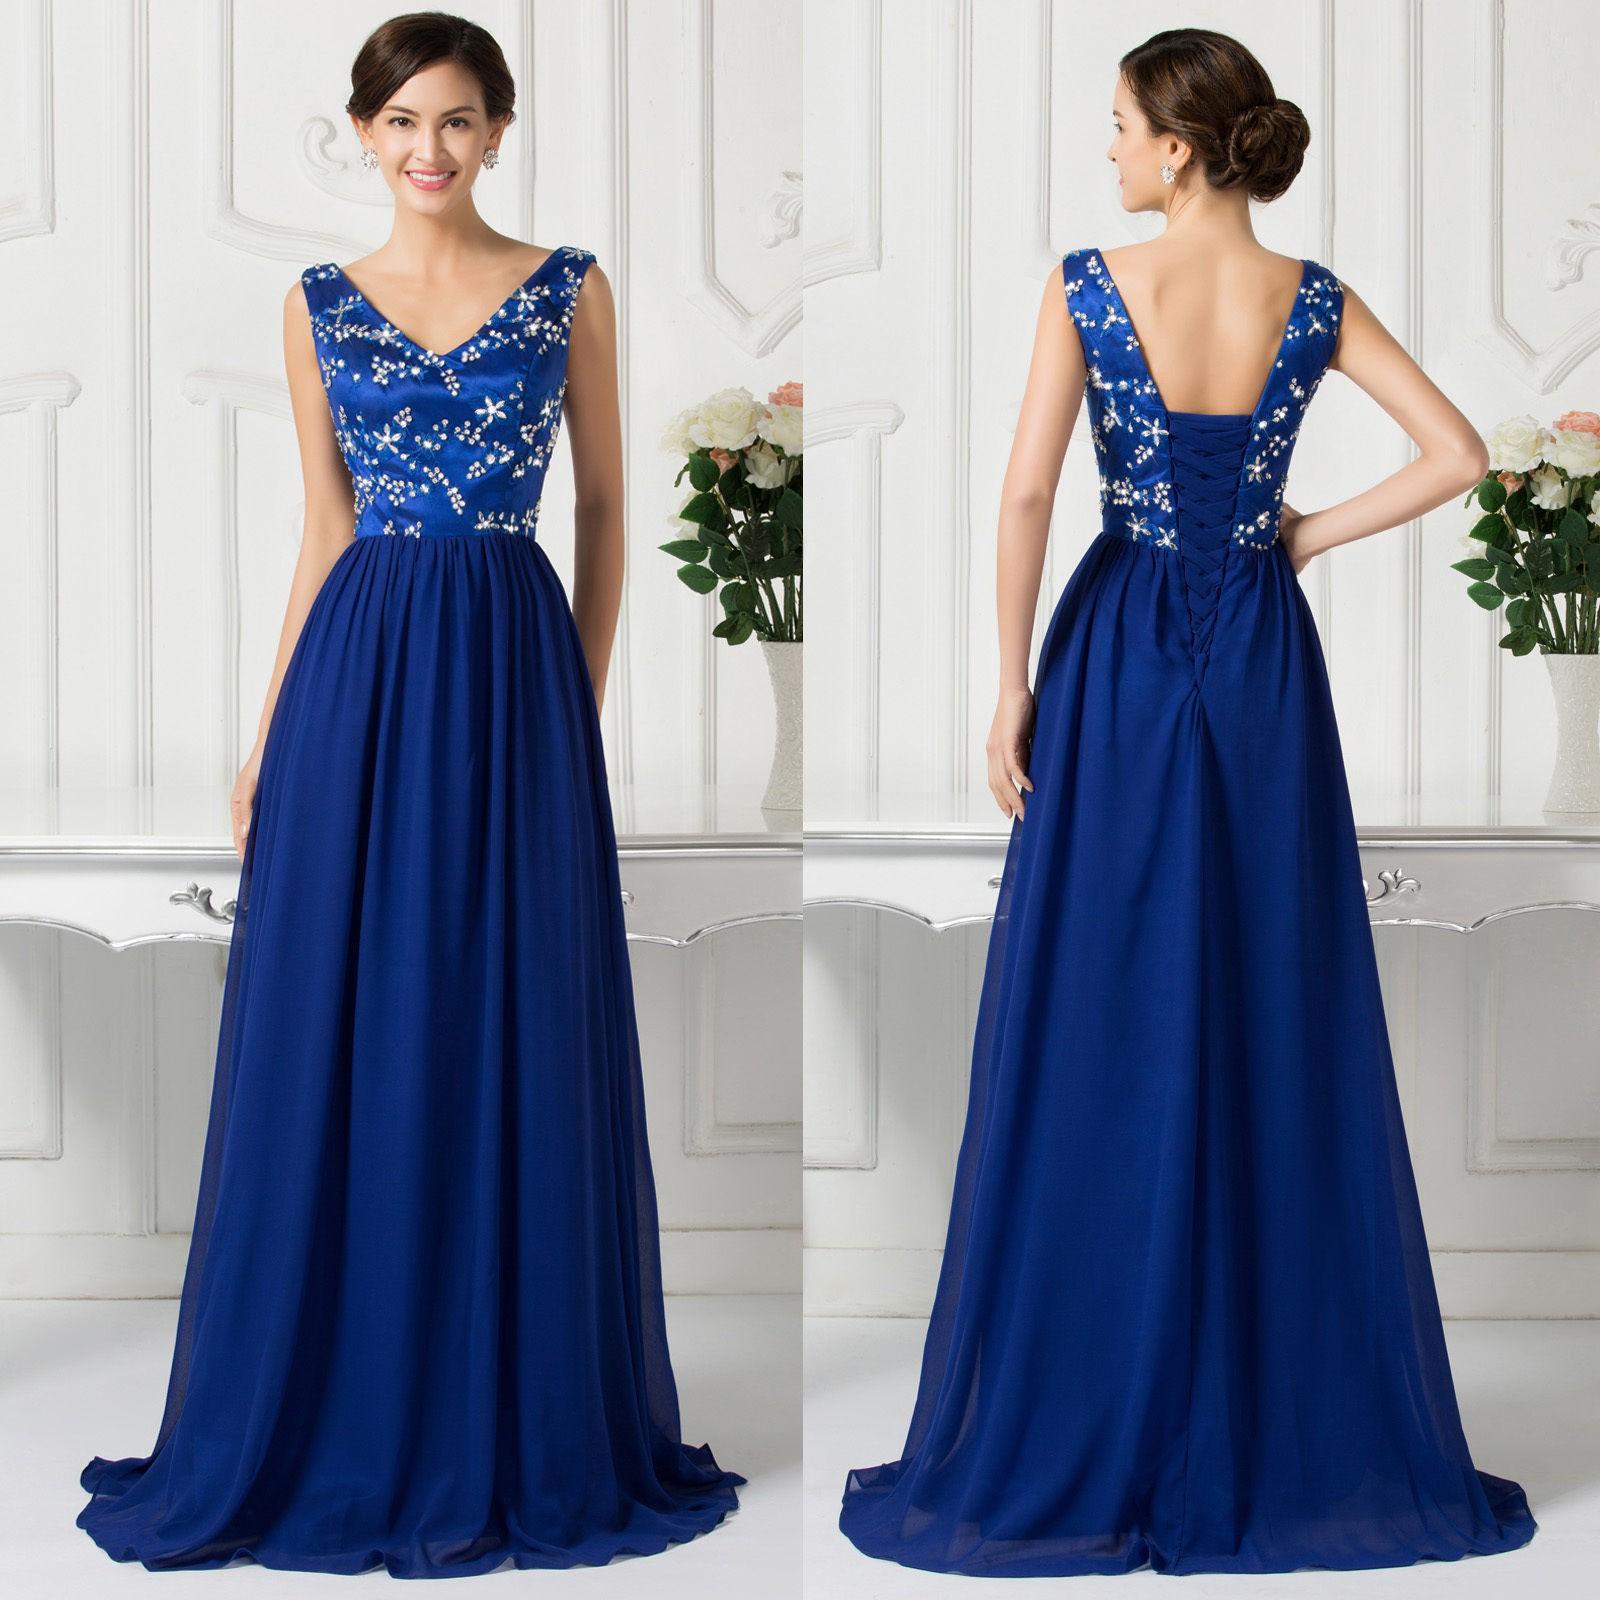 luxusní tmavě modré plesové šaty na ramínka Julianna XL-XXL - Hollywood  Style E-Shop - plesové a svatební šaty 582990c8d3